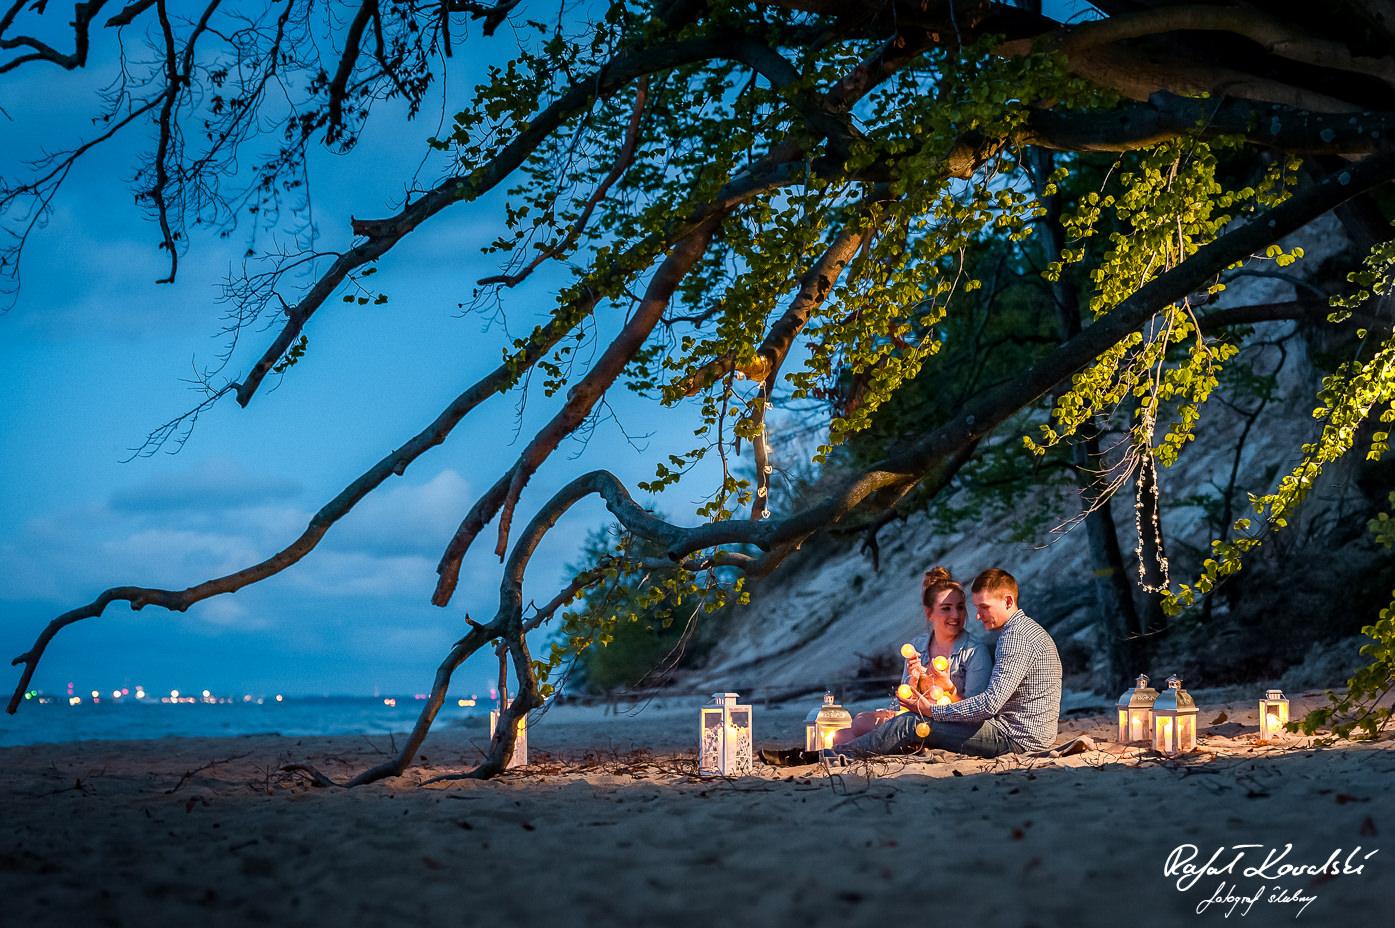 sesja narzeczeńska a plazy w wieczornym morzem w tle